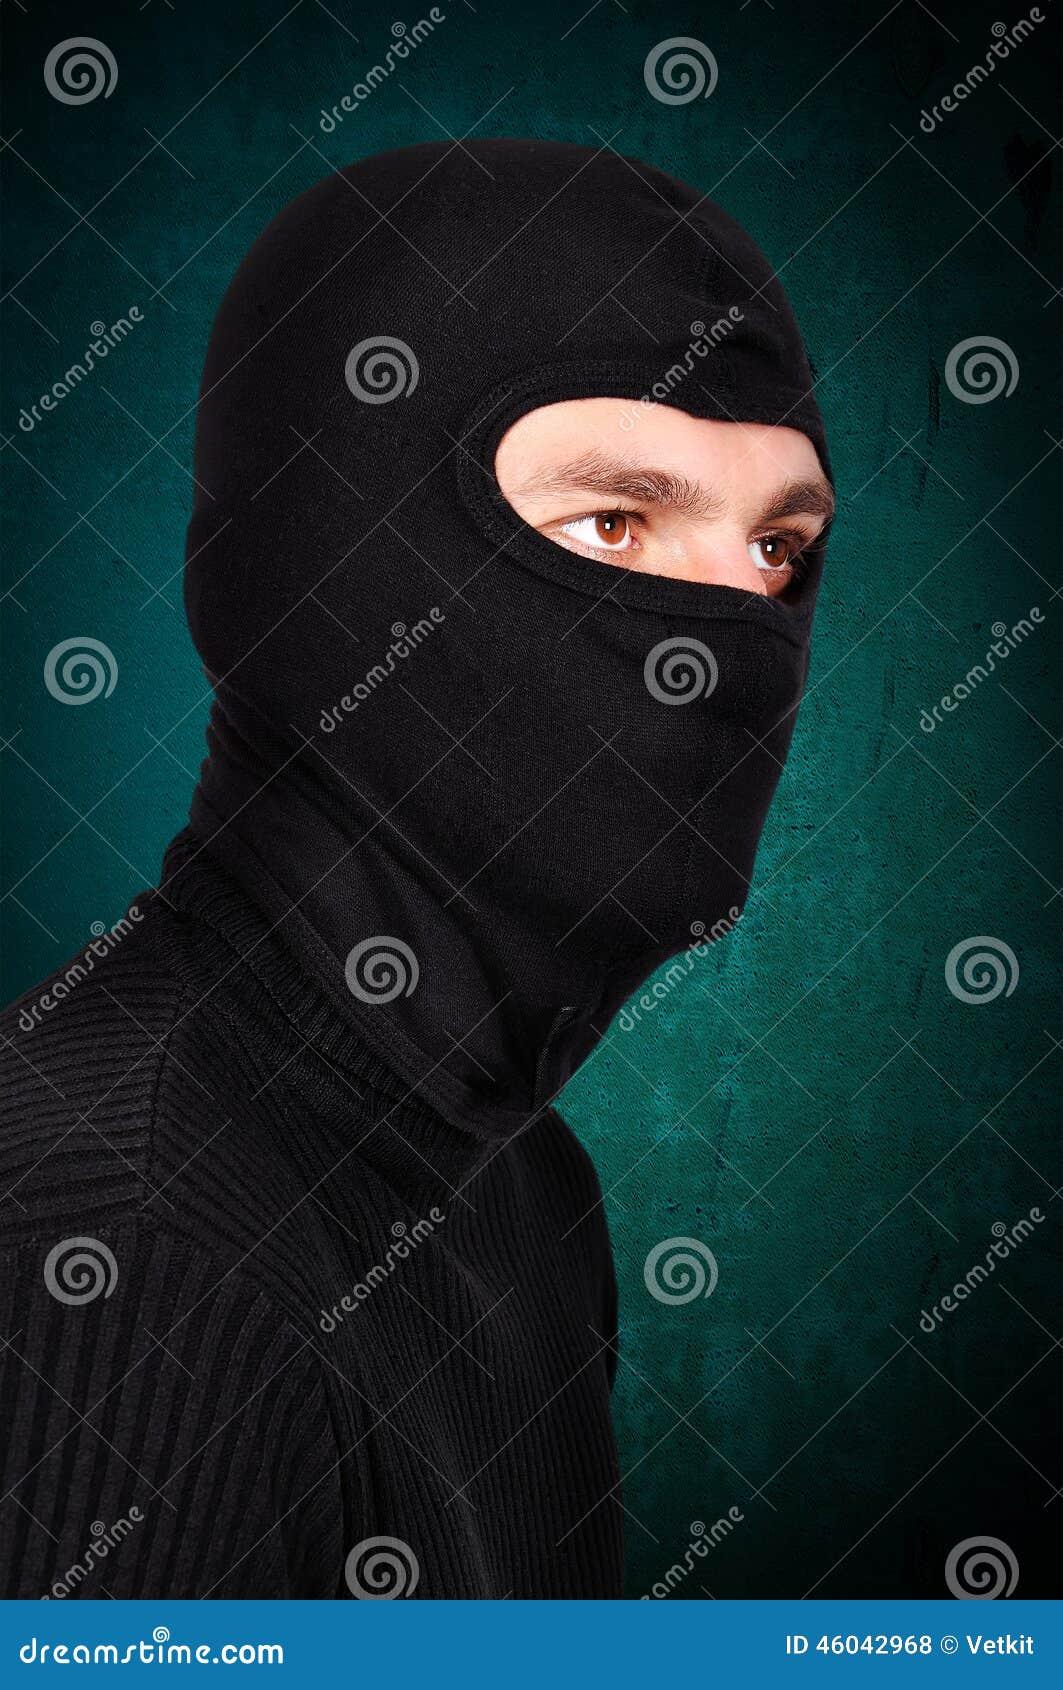 Terrorist in der Maske